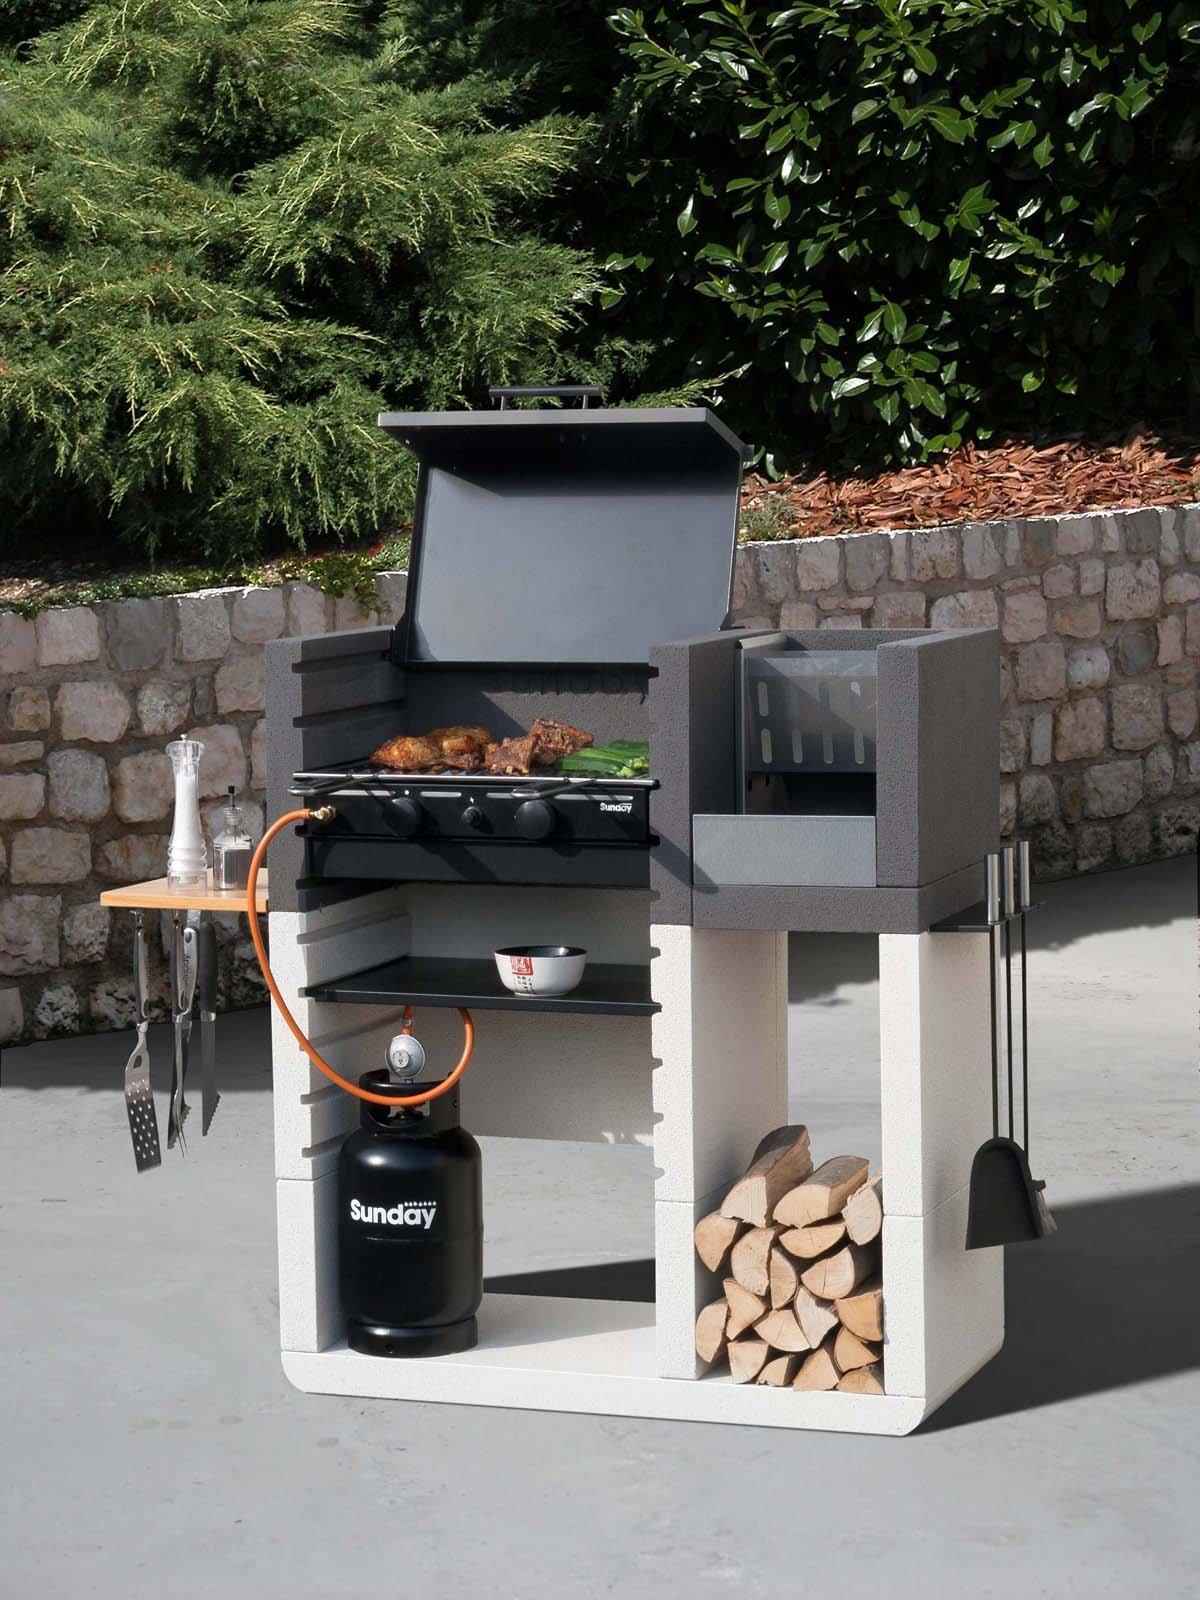 Sunday oneplus barbecue cose di casa for Barbecue sunday